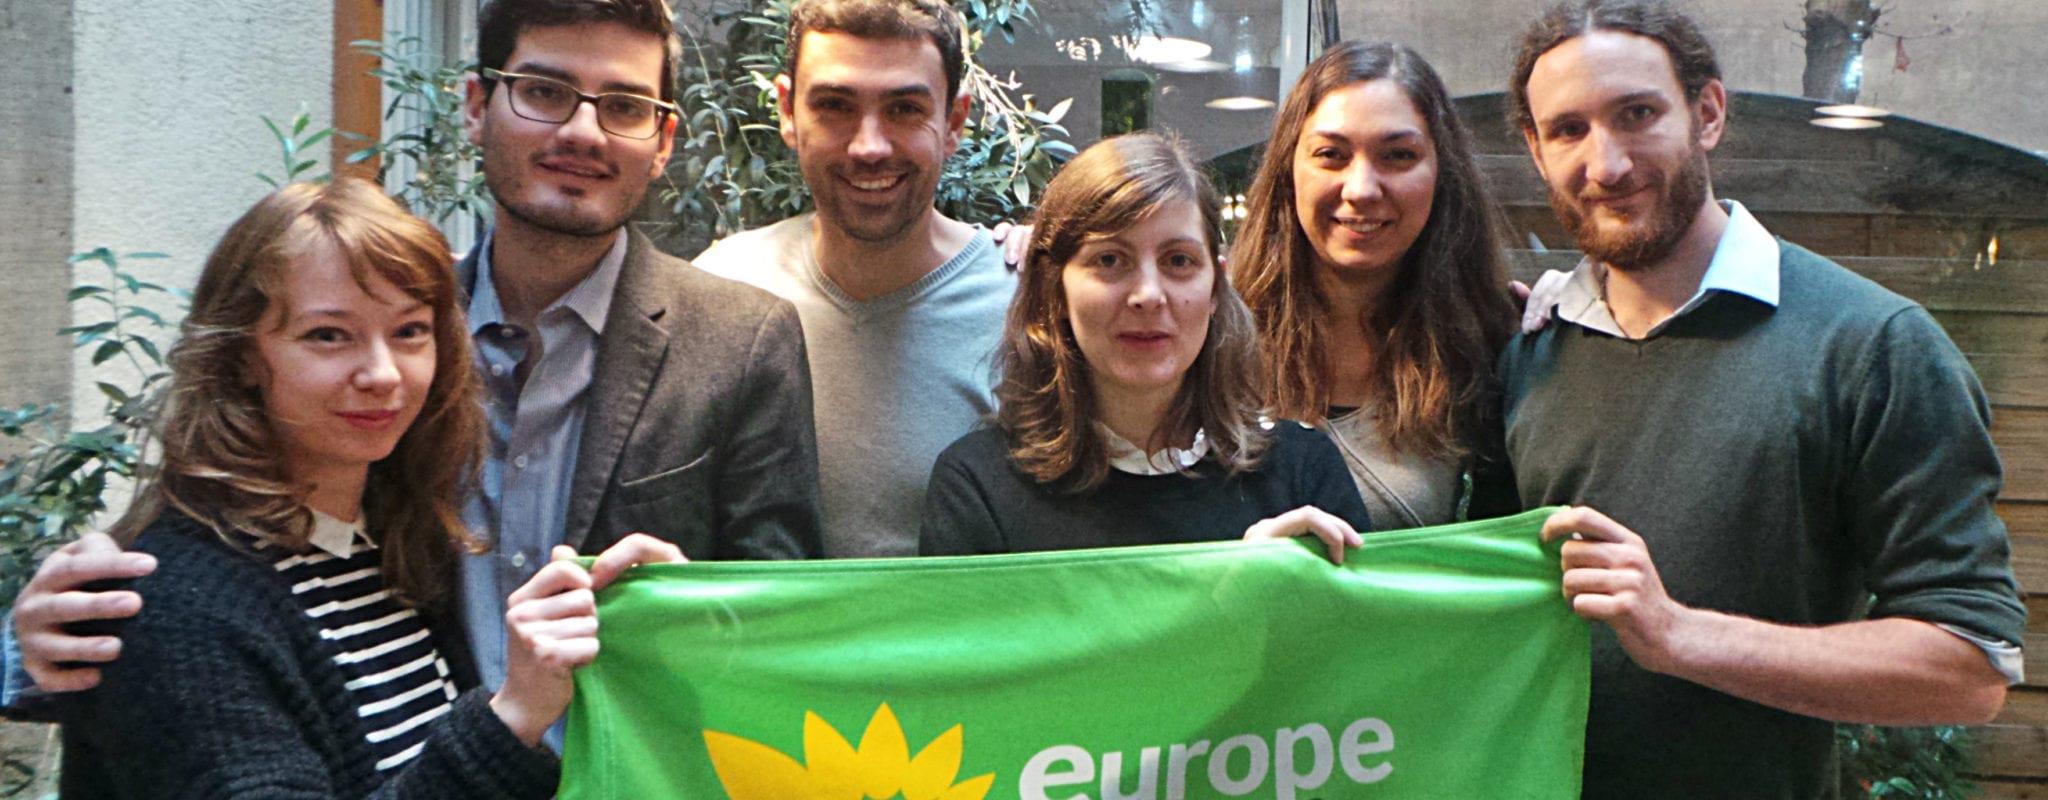 Chez Europe Écologie Les Verts Alsace, les jeunes ont pris le pouvoir